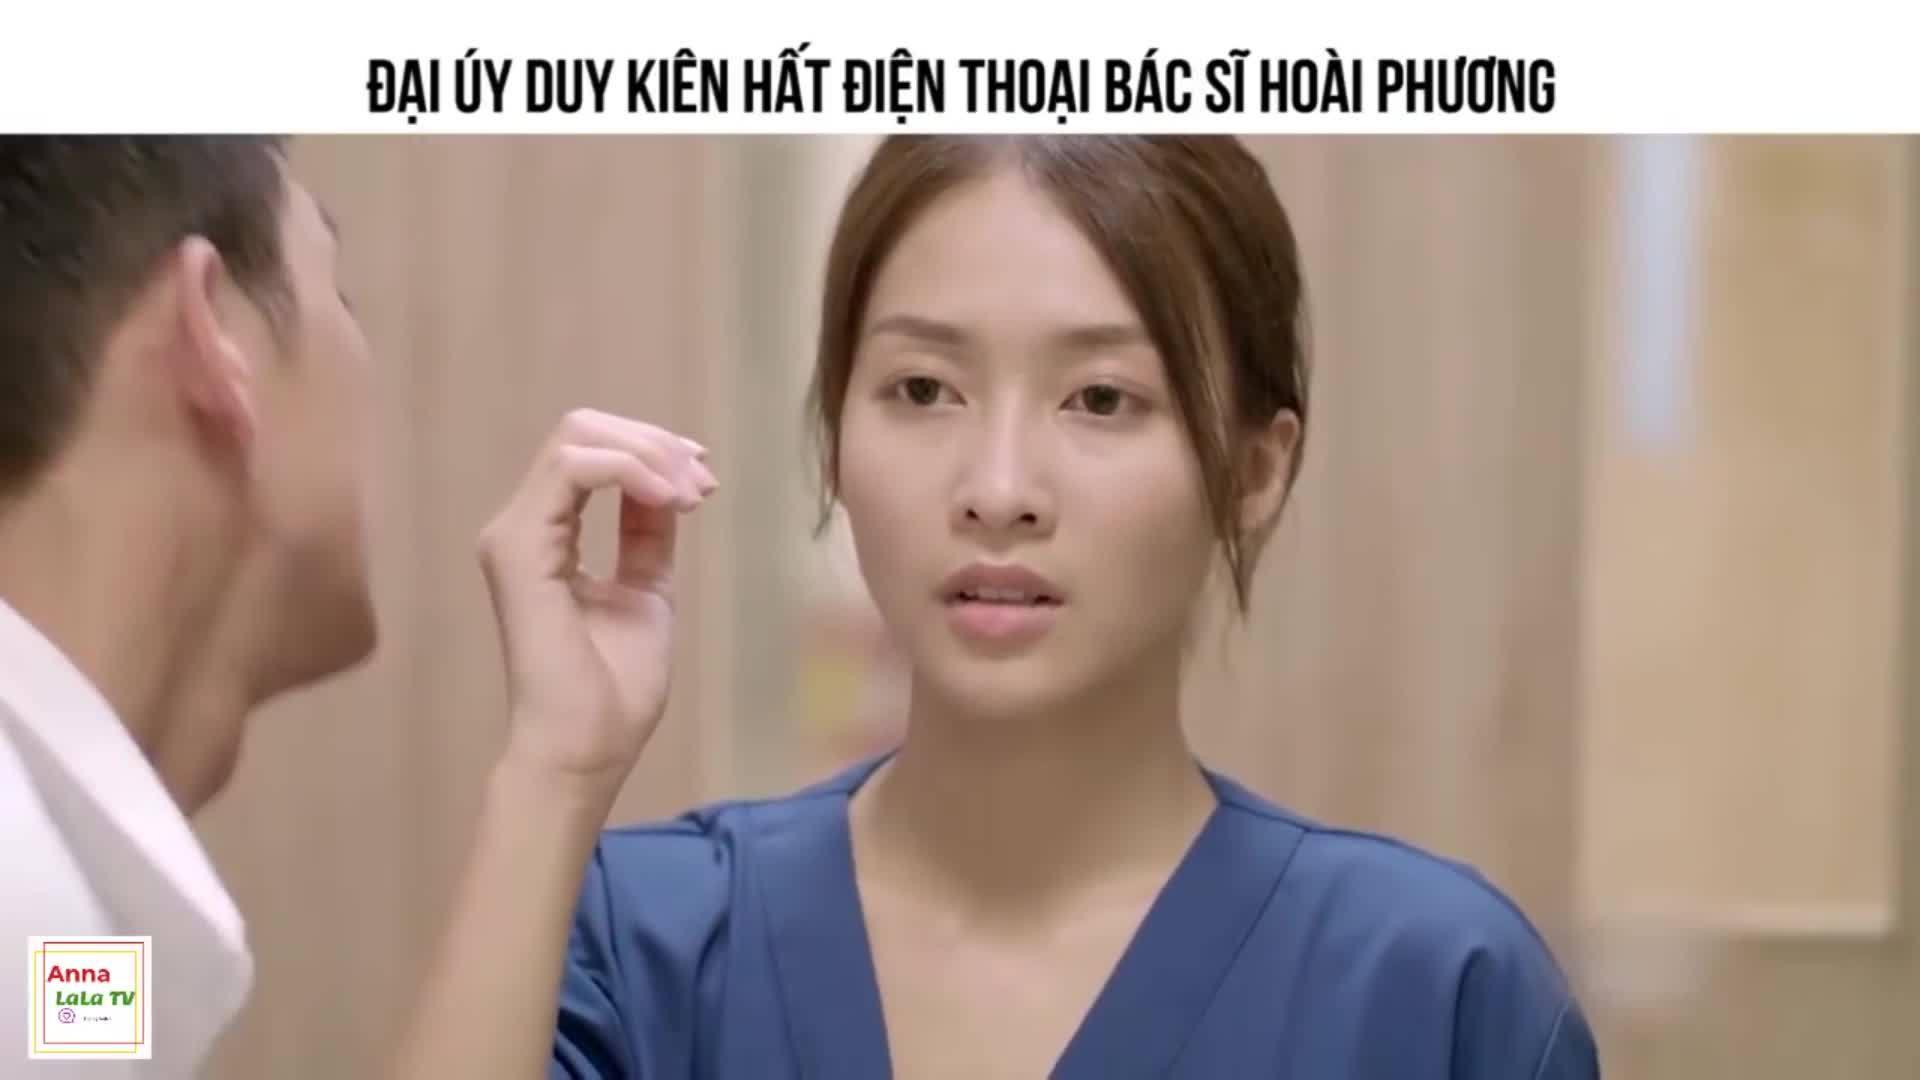 Cảnh hất điện thoại trong Hậu duệ mặt trời bản Hàn - Việt